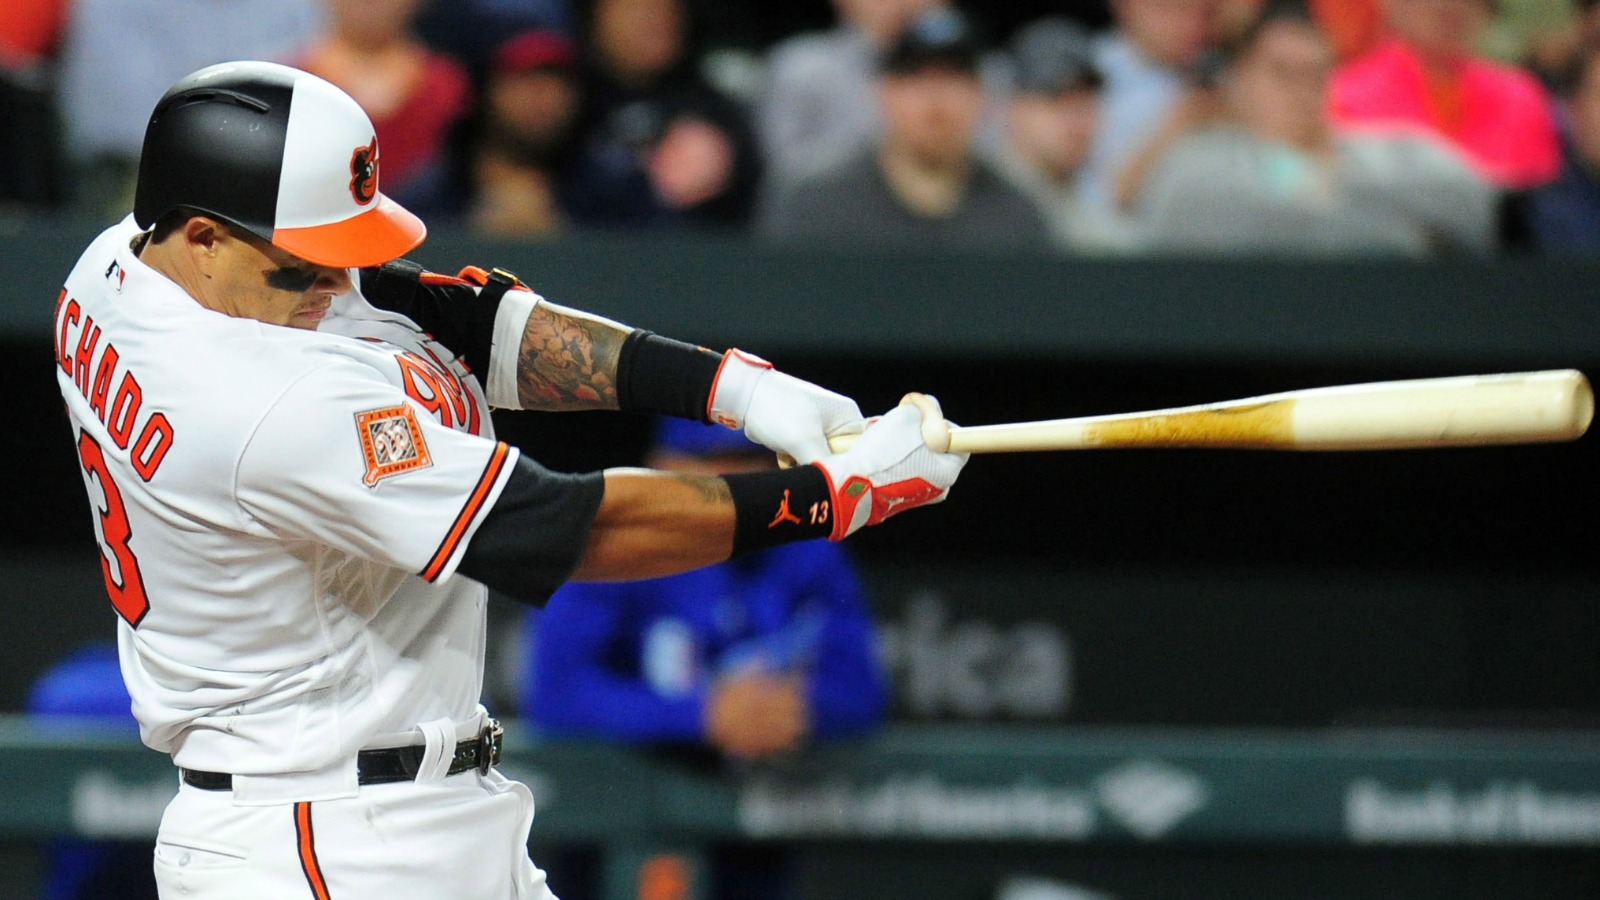 040817-MLB-MannyMachado2-PI